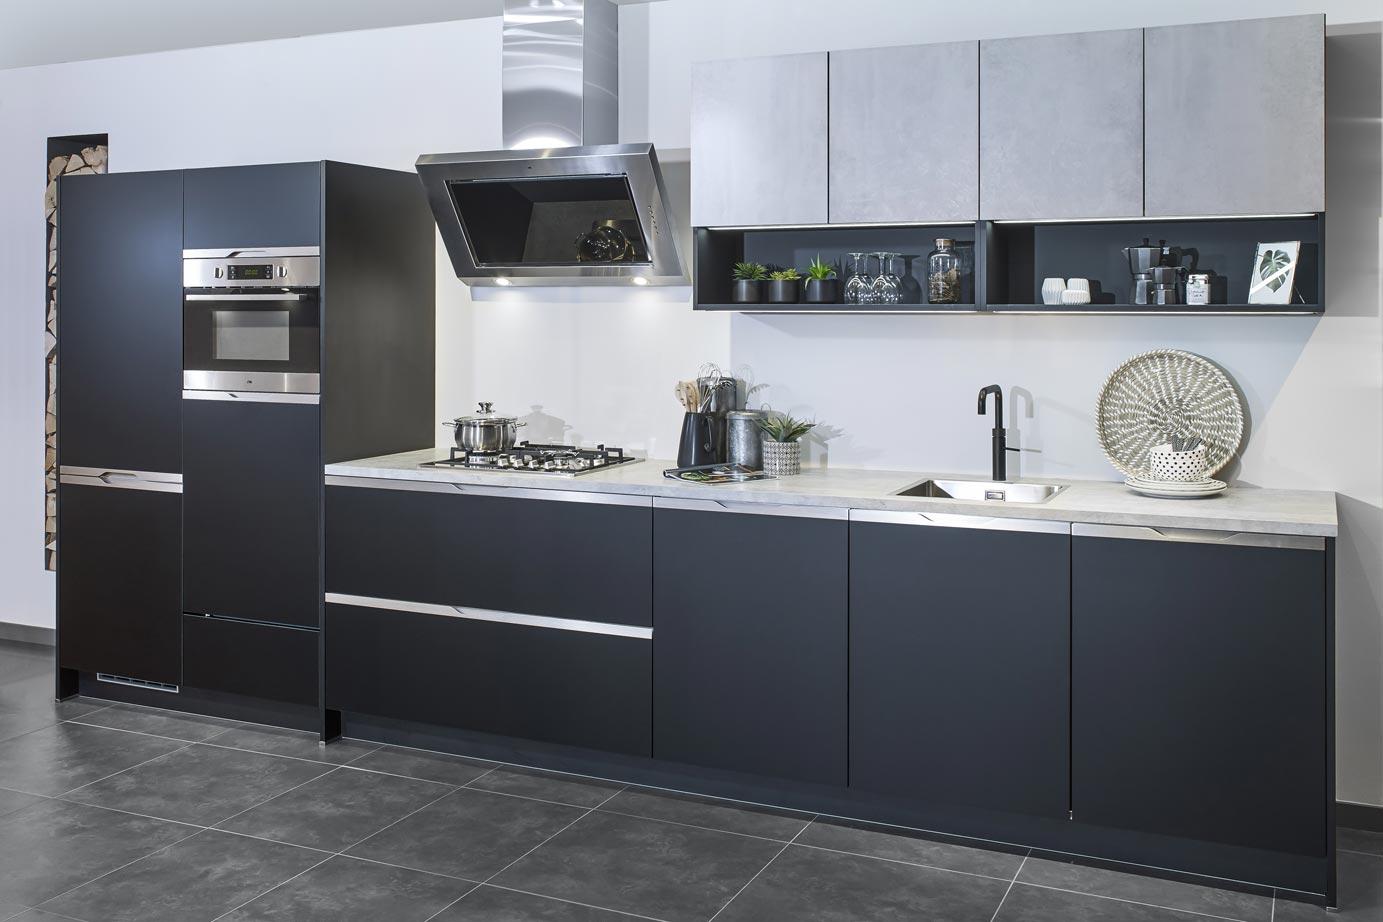 Recht Keuken Zwart : Rechte greeploze keuken in mat zwart bekijk foto s db keukens